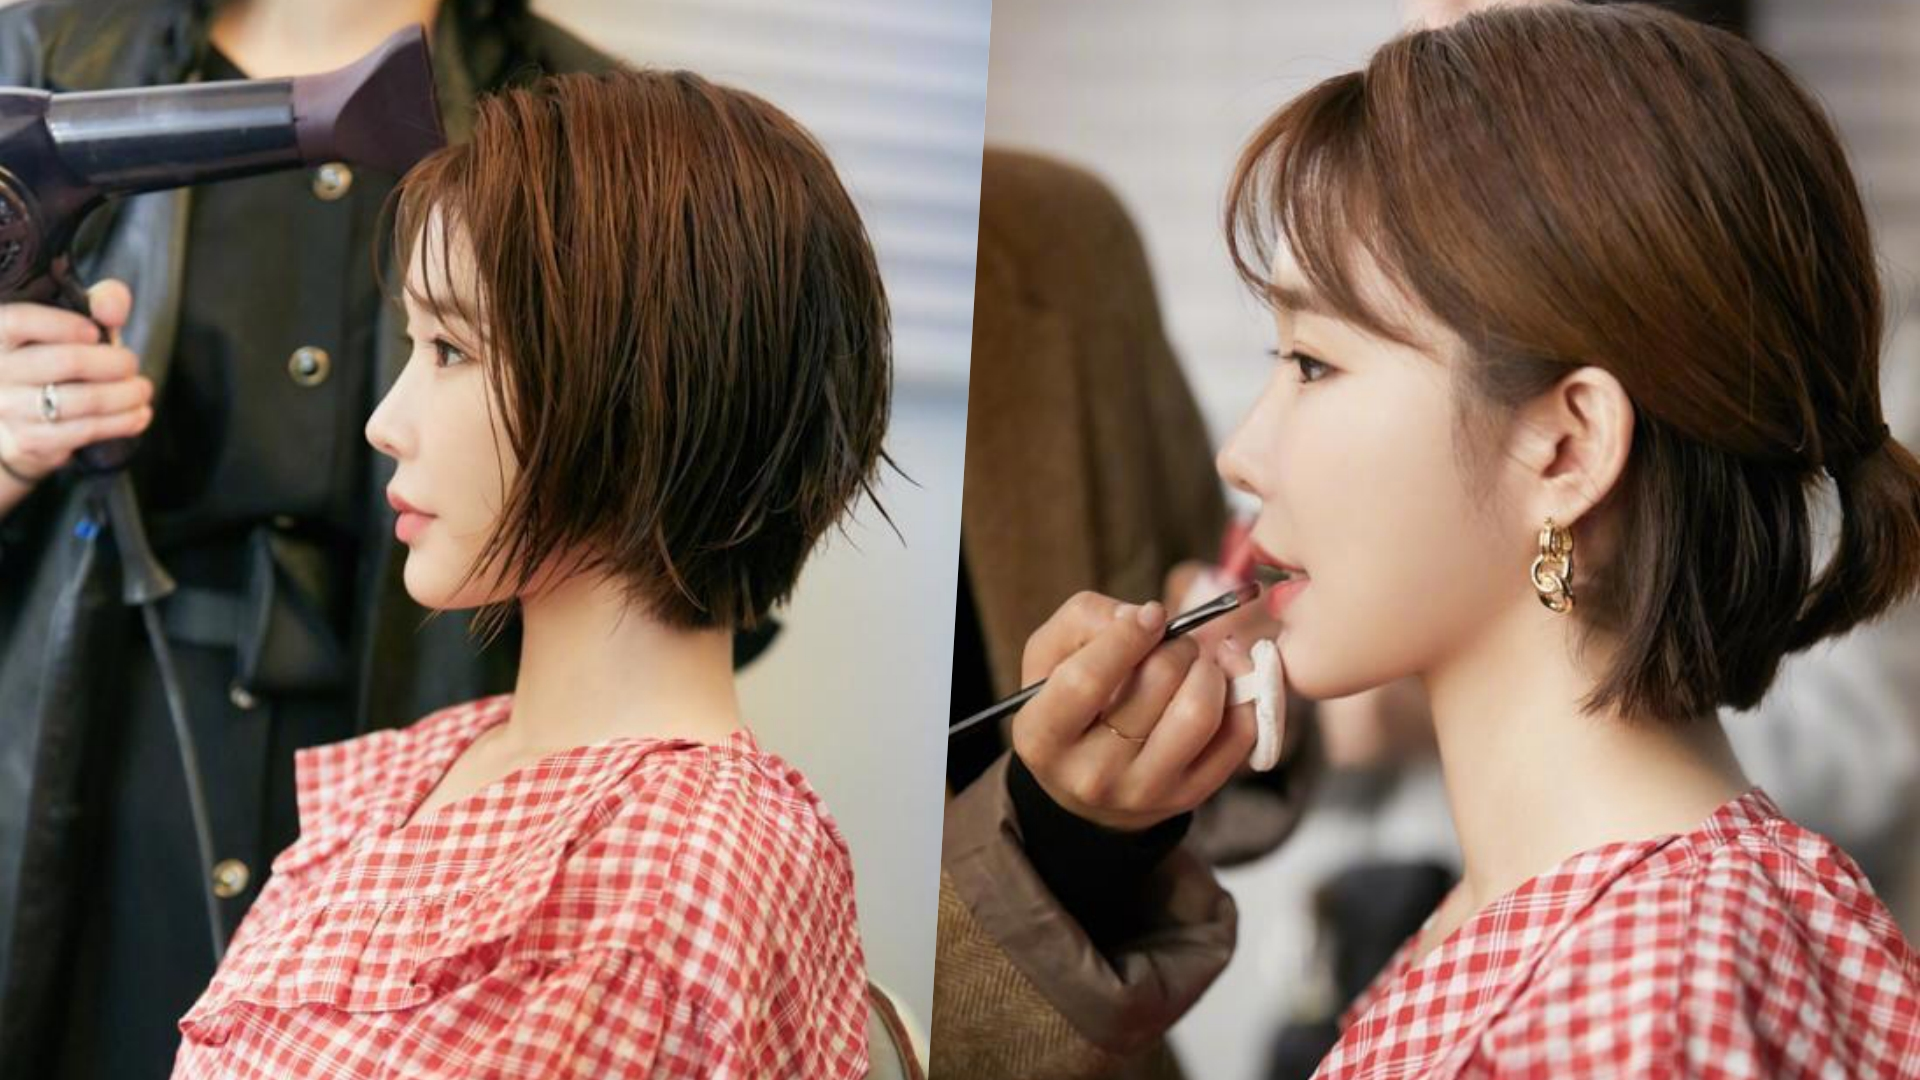 刘寅娜10年来首度剪短发全网暴动!2020韩星发型趋势不动刀也能有整型级小脸效果!